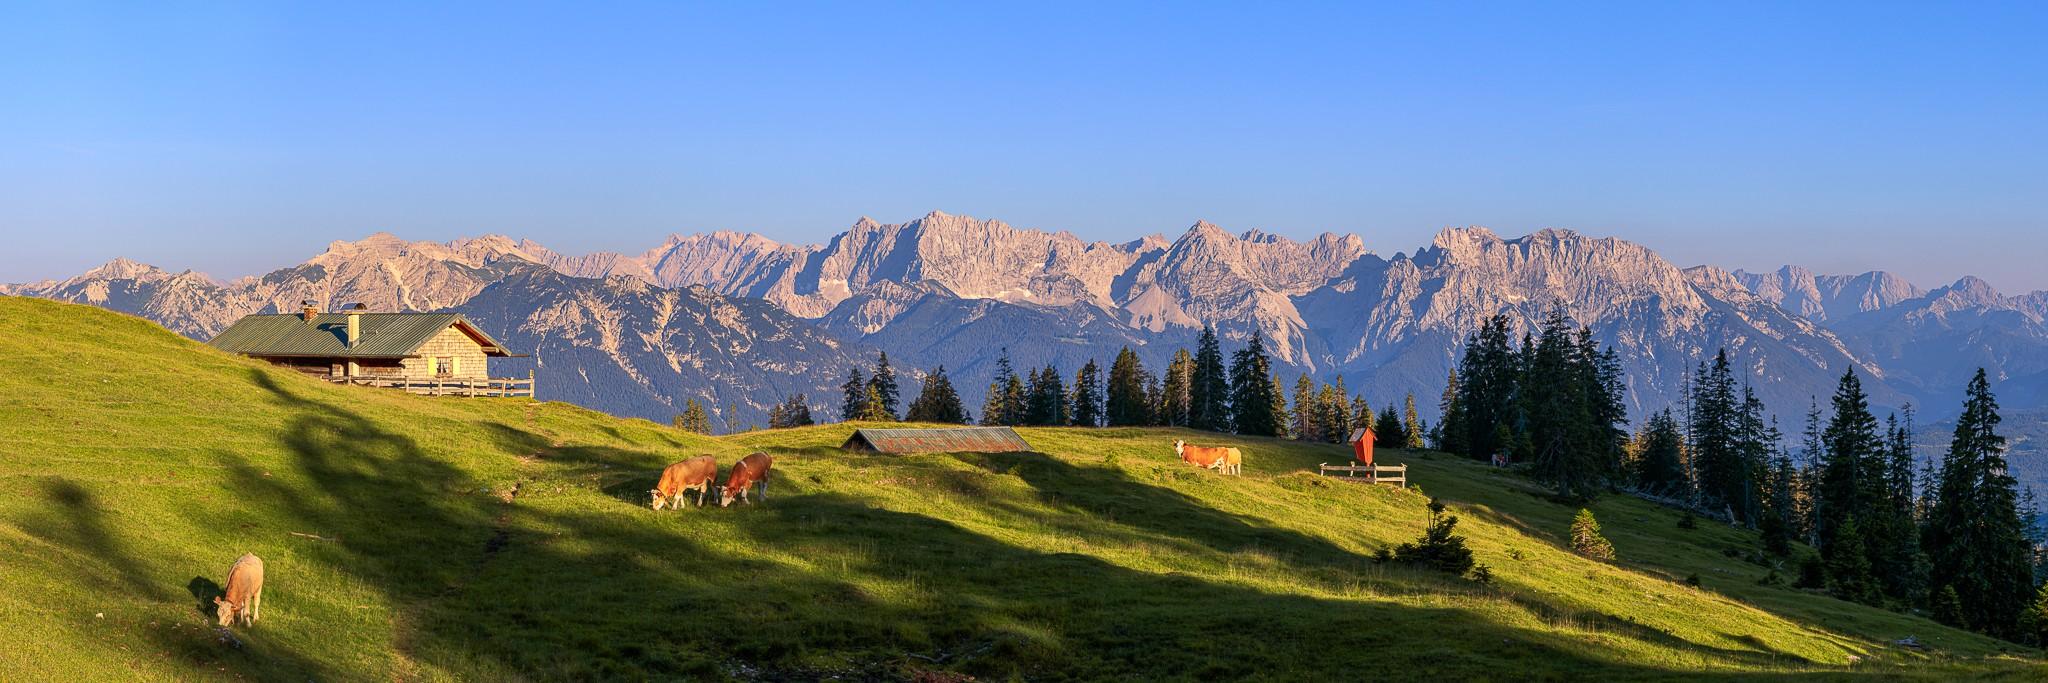 Karwendelpanorama Krüner Alm - Die Kälber grasen auf der Almwiese.